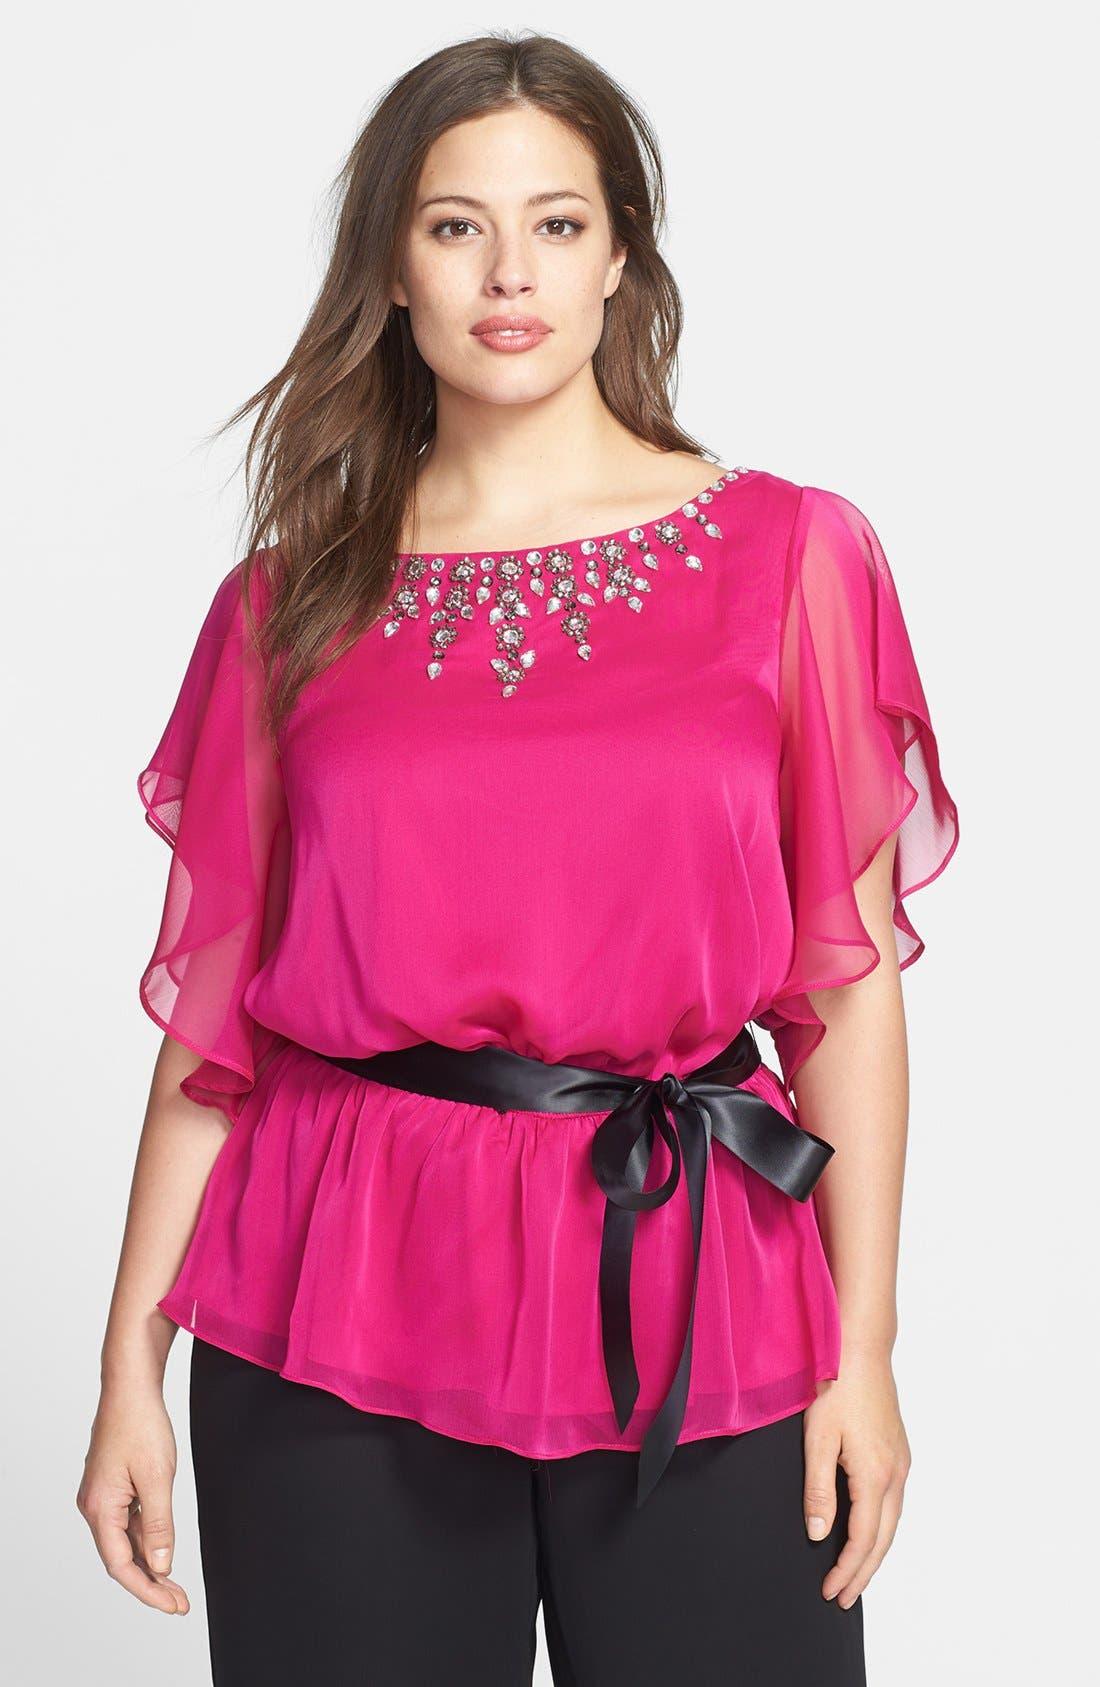 Main Image - Adrianna Papell Jeweled Chiffon Blouse (Plus Size)